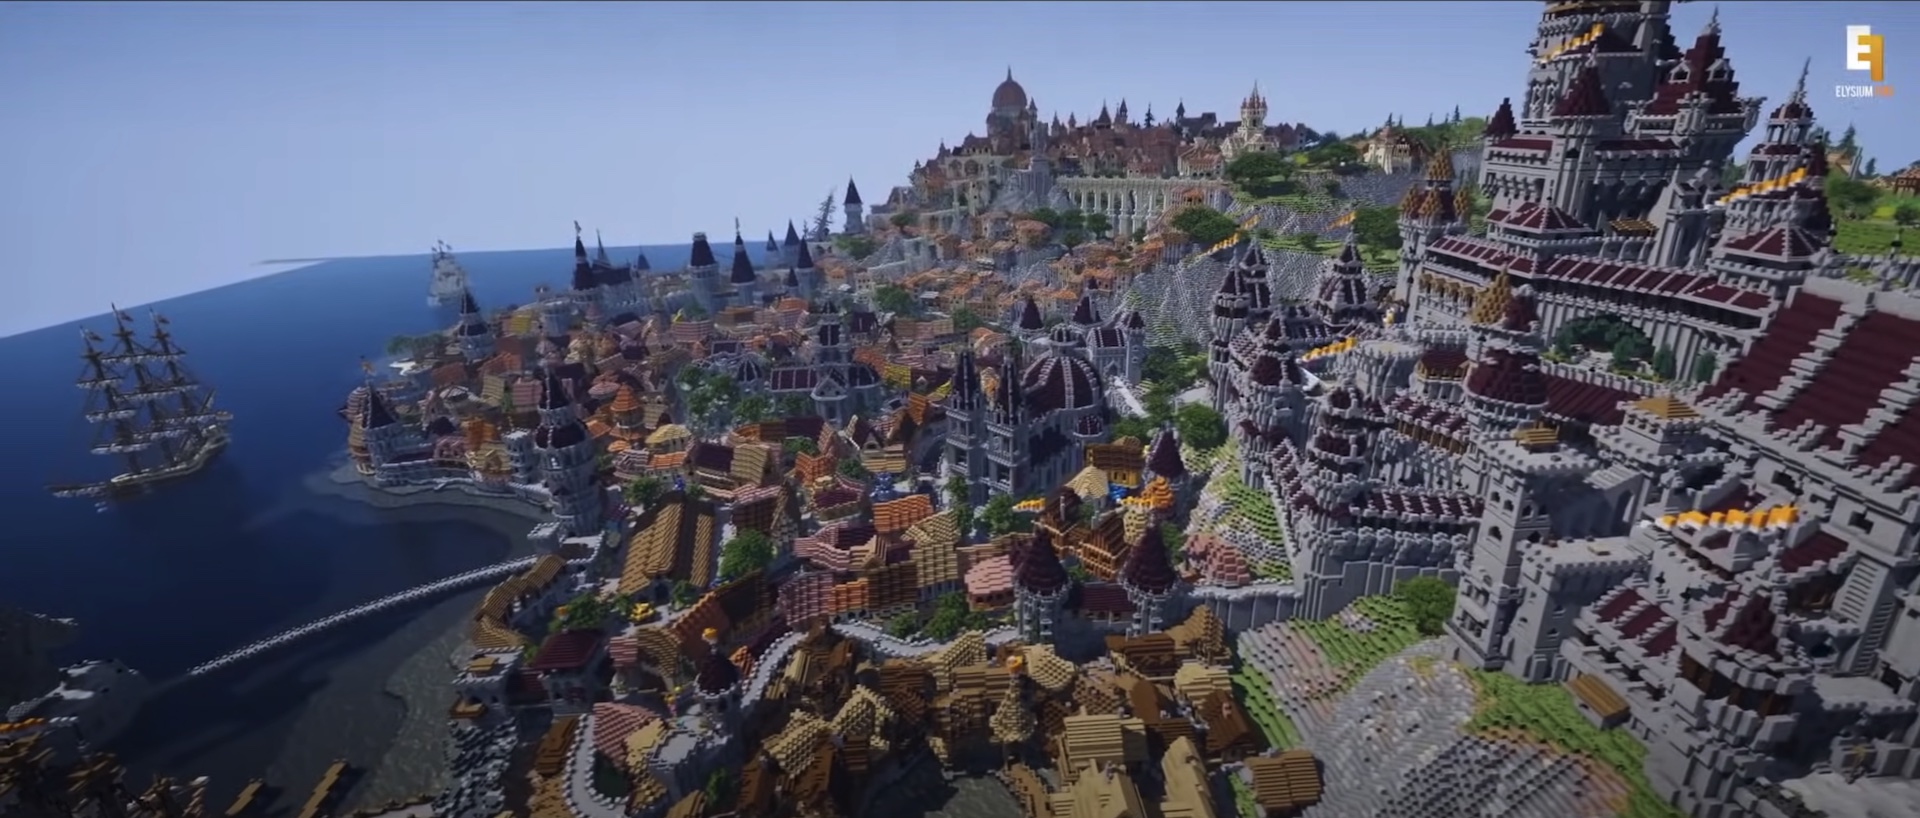 「実在の中世都市を再現。次々と立ち上がる建物に畏怖すら覚える」のサムネイル